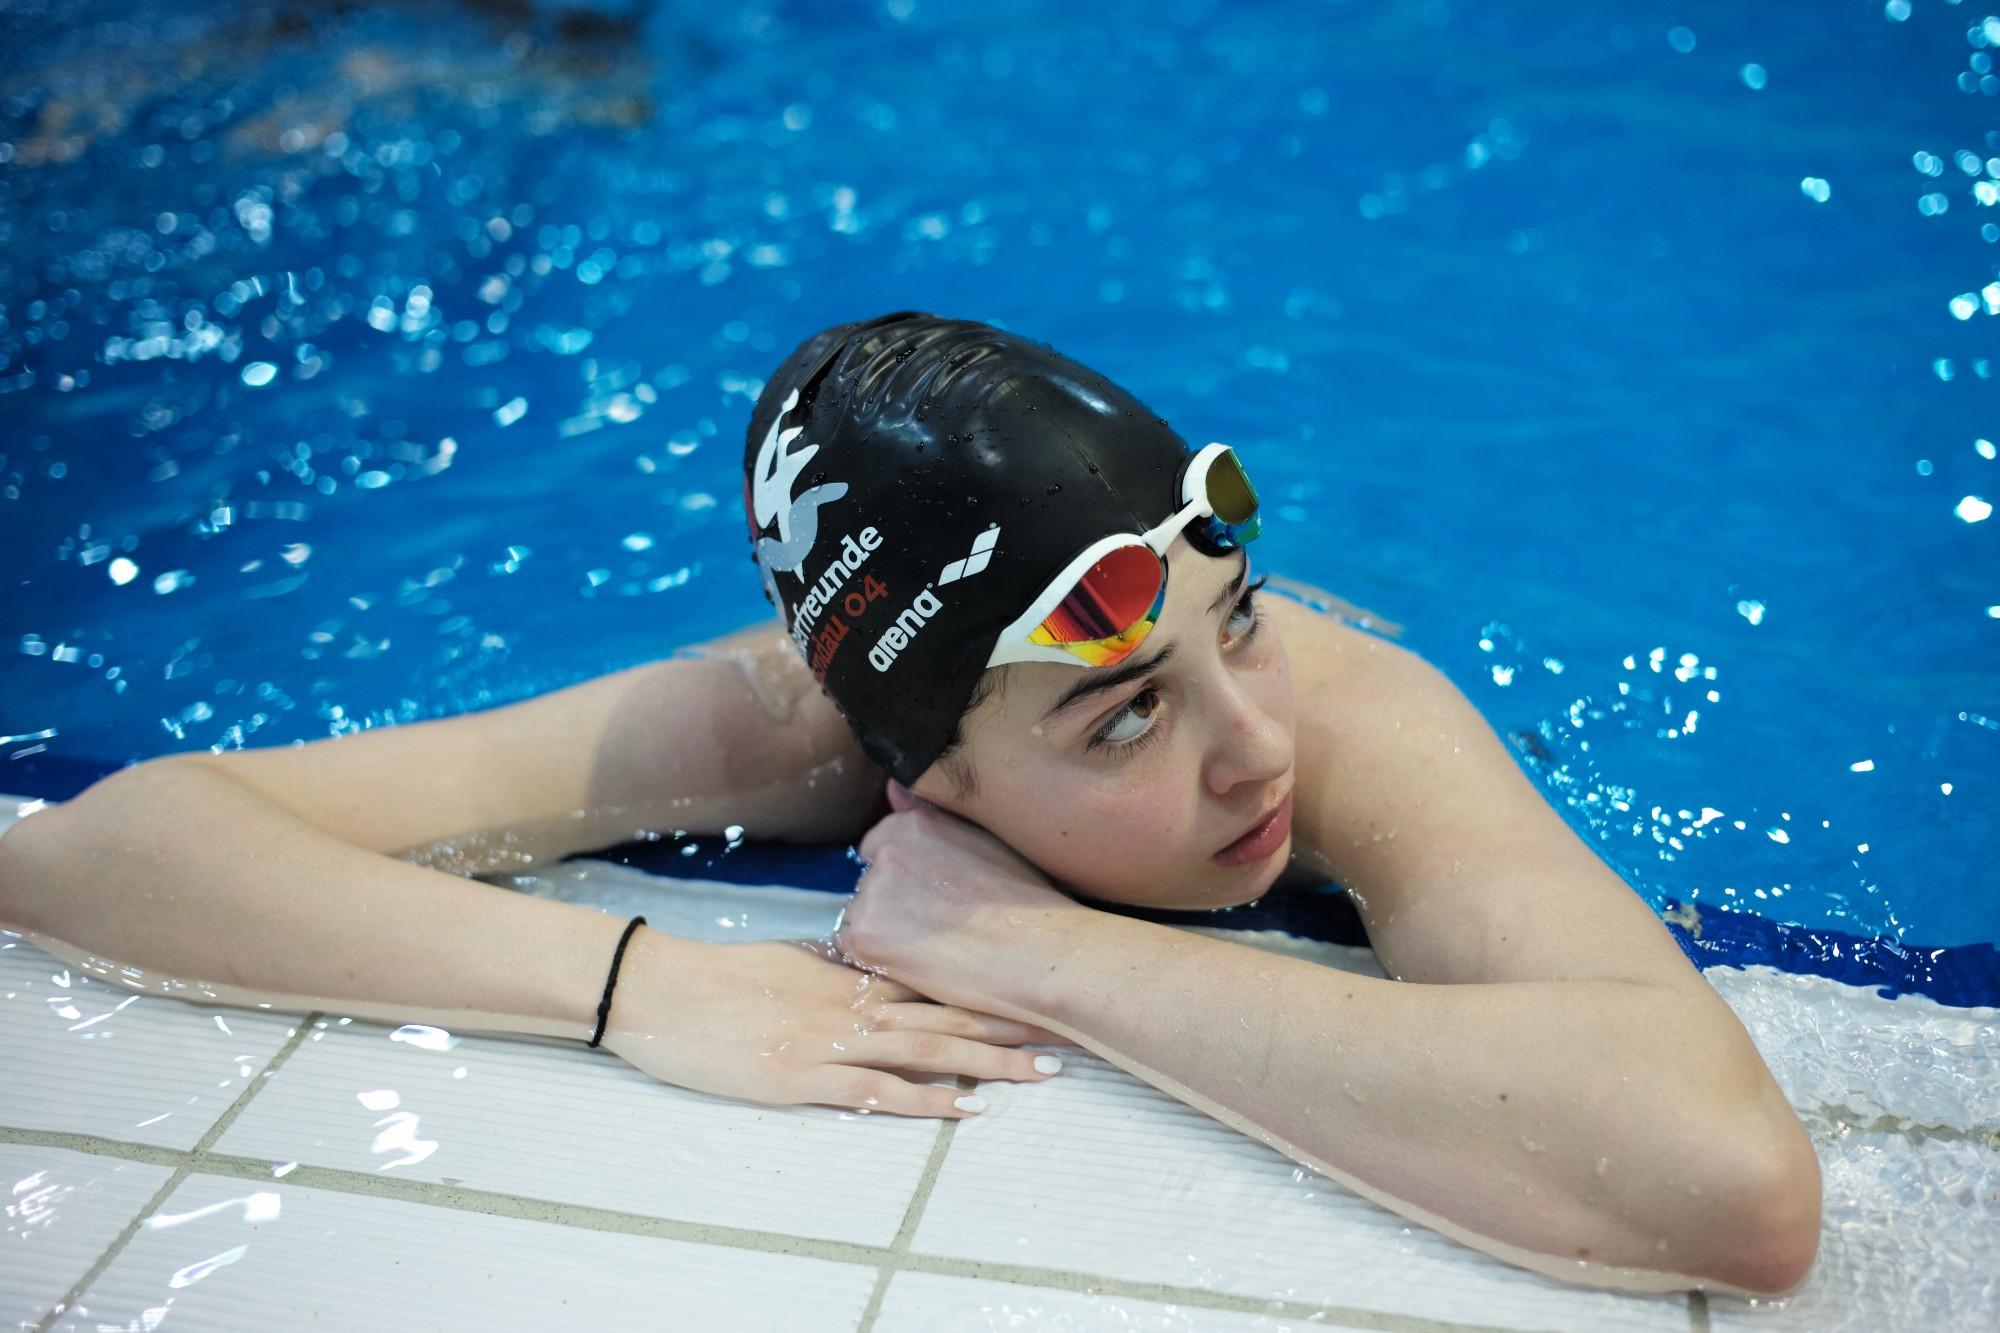 UNHCR Goodwill Ambassador and swimmer Yusra Mardini. (Courtesy of UNHCR)